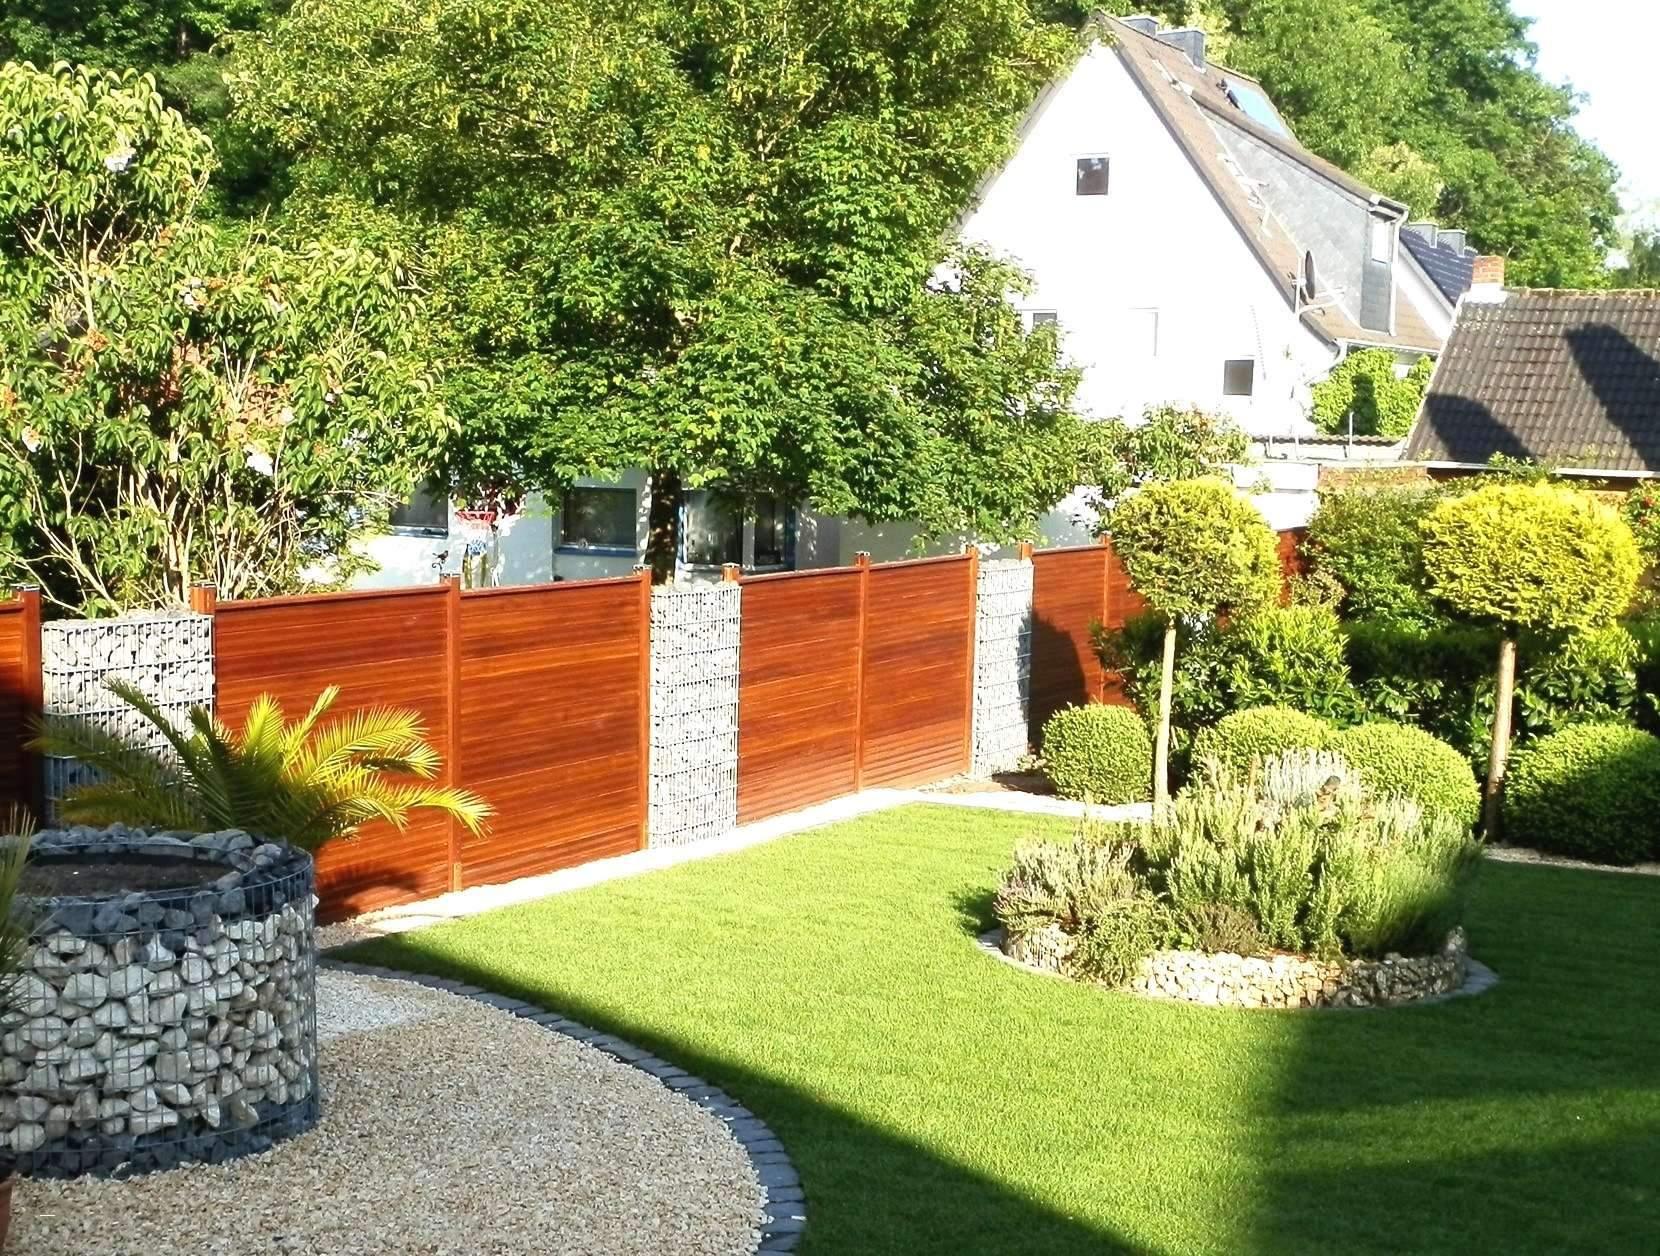 Kleine Gärten Gartenideen Best Of 37 Das Beste Von Kleine Gärten Gestalten Beispiele Luxus